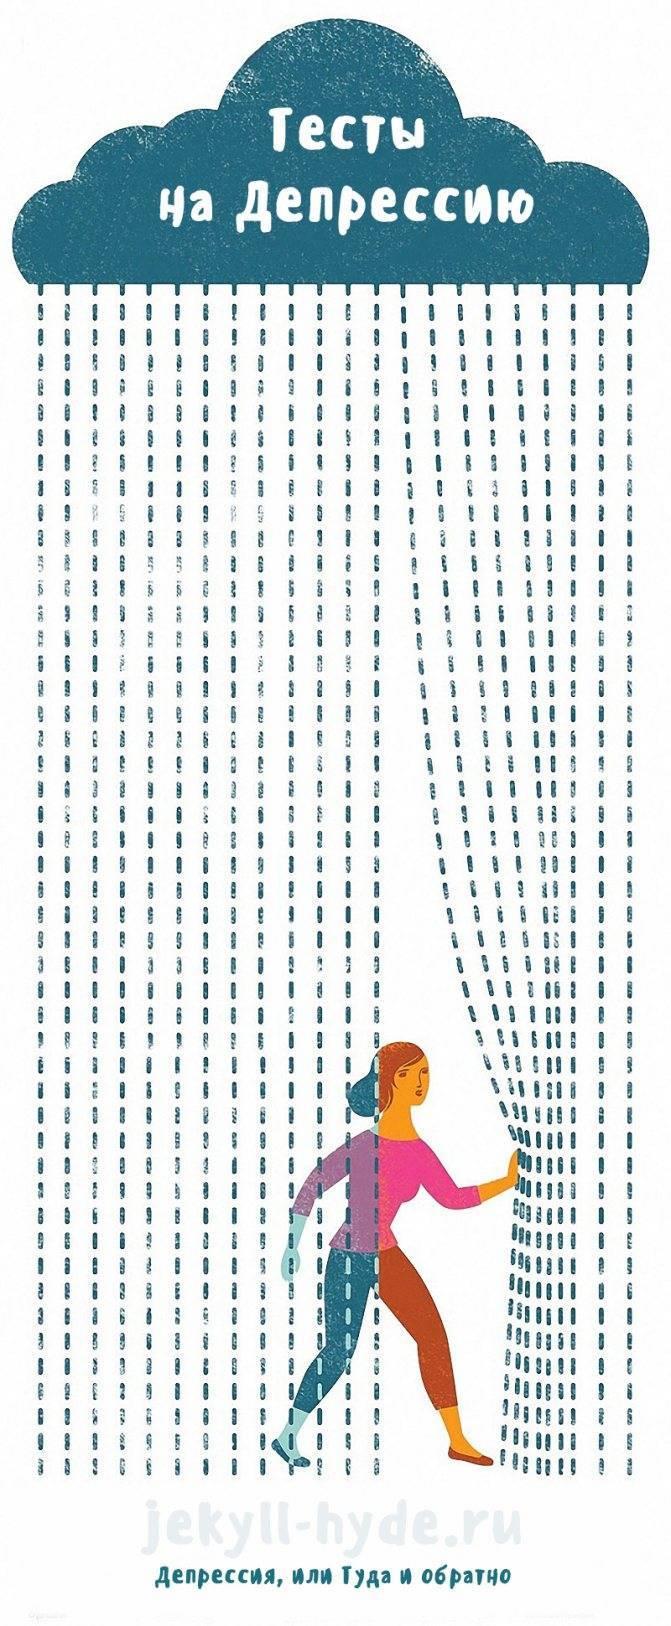 Признаки депрессии у женщины. тест